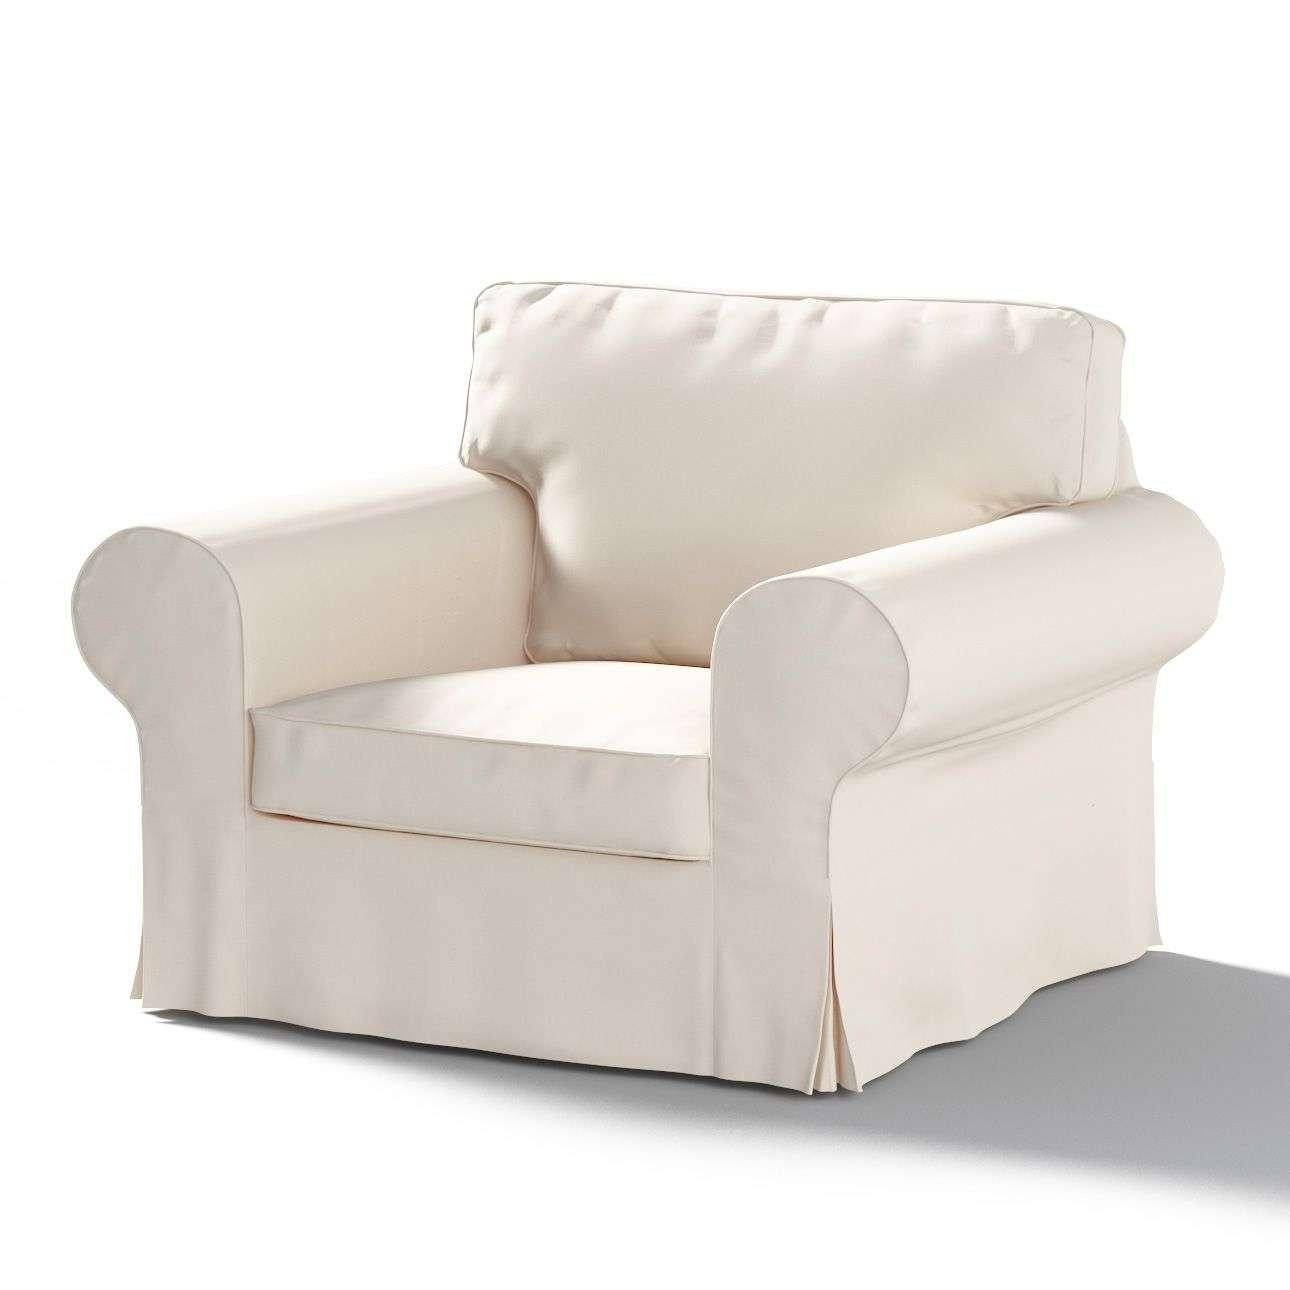 Klädslar till IKEA soffor, fåtöljer, fotpallar, schäslonger & stolar!  D